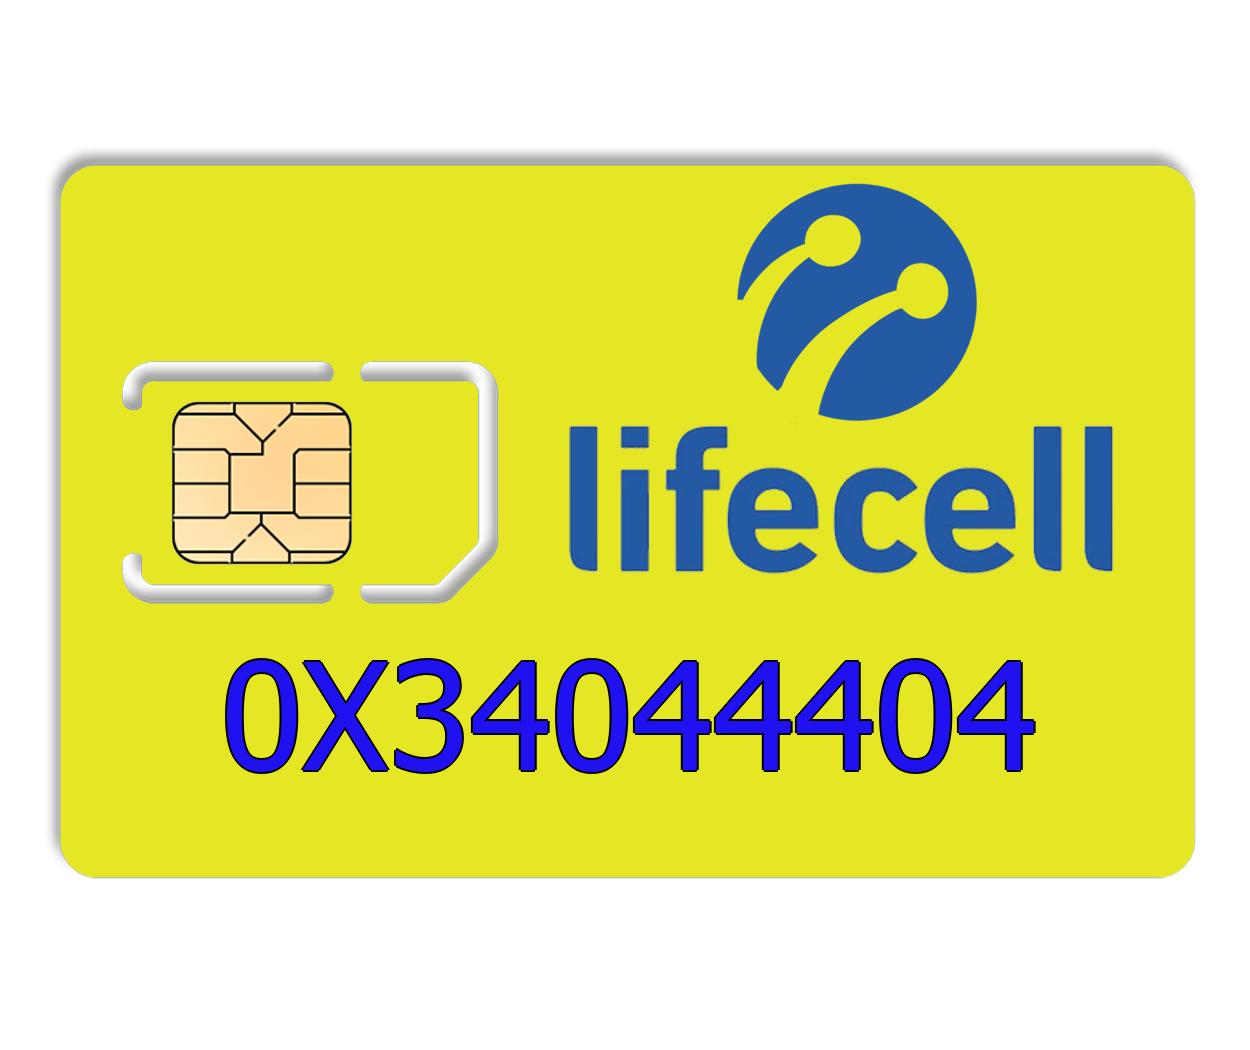 Красивый номер lifecell 0X34044404